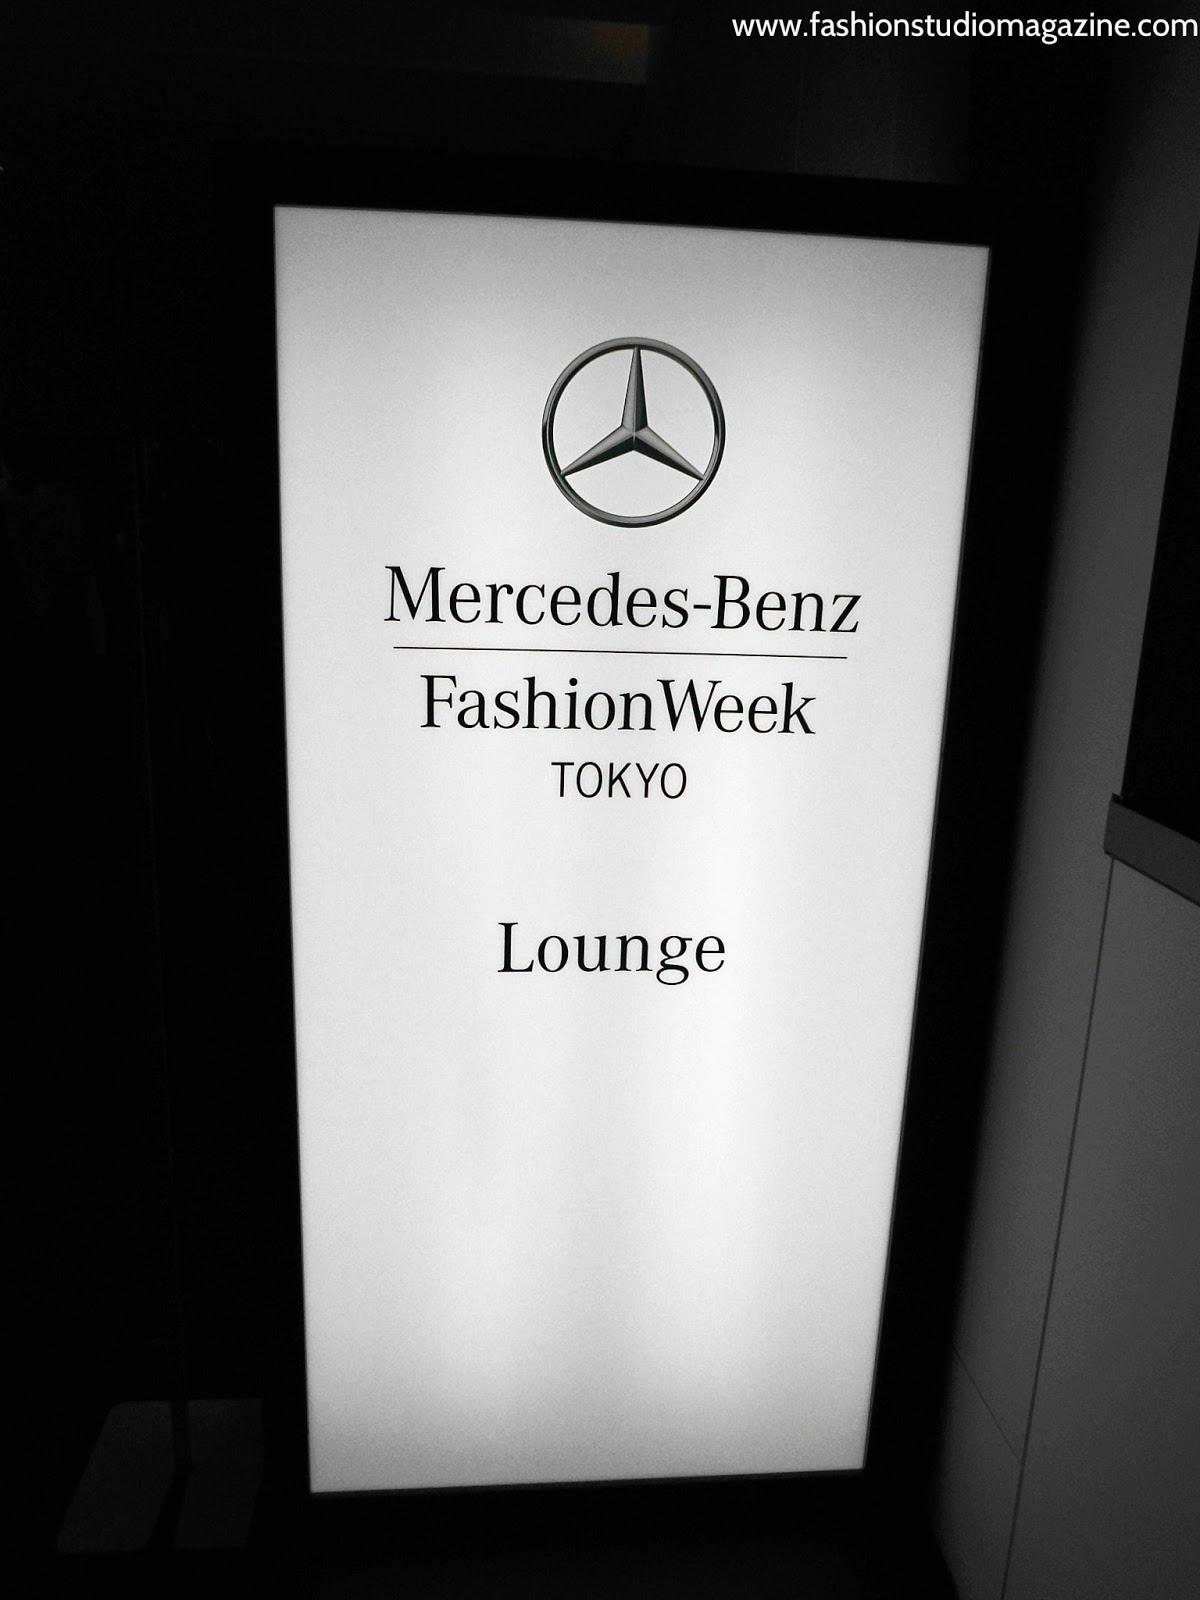 MERCEDES-BENZ FASHION WEEK TOKYO: Spring/Summer 2013 ...